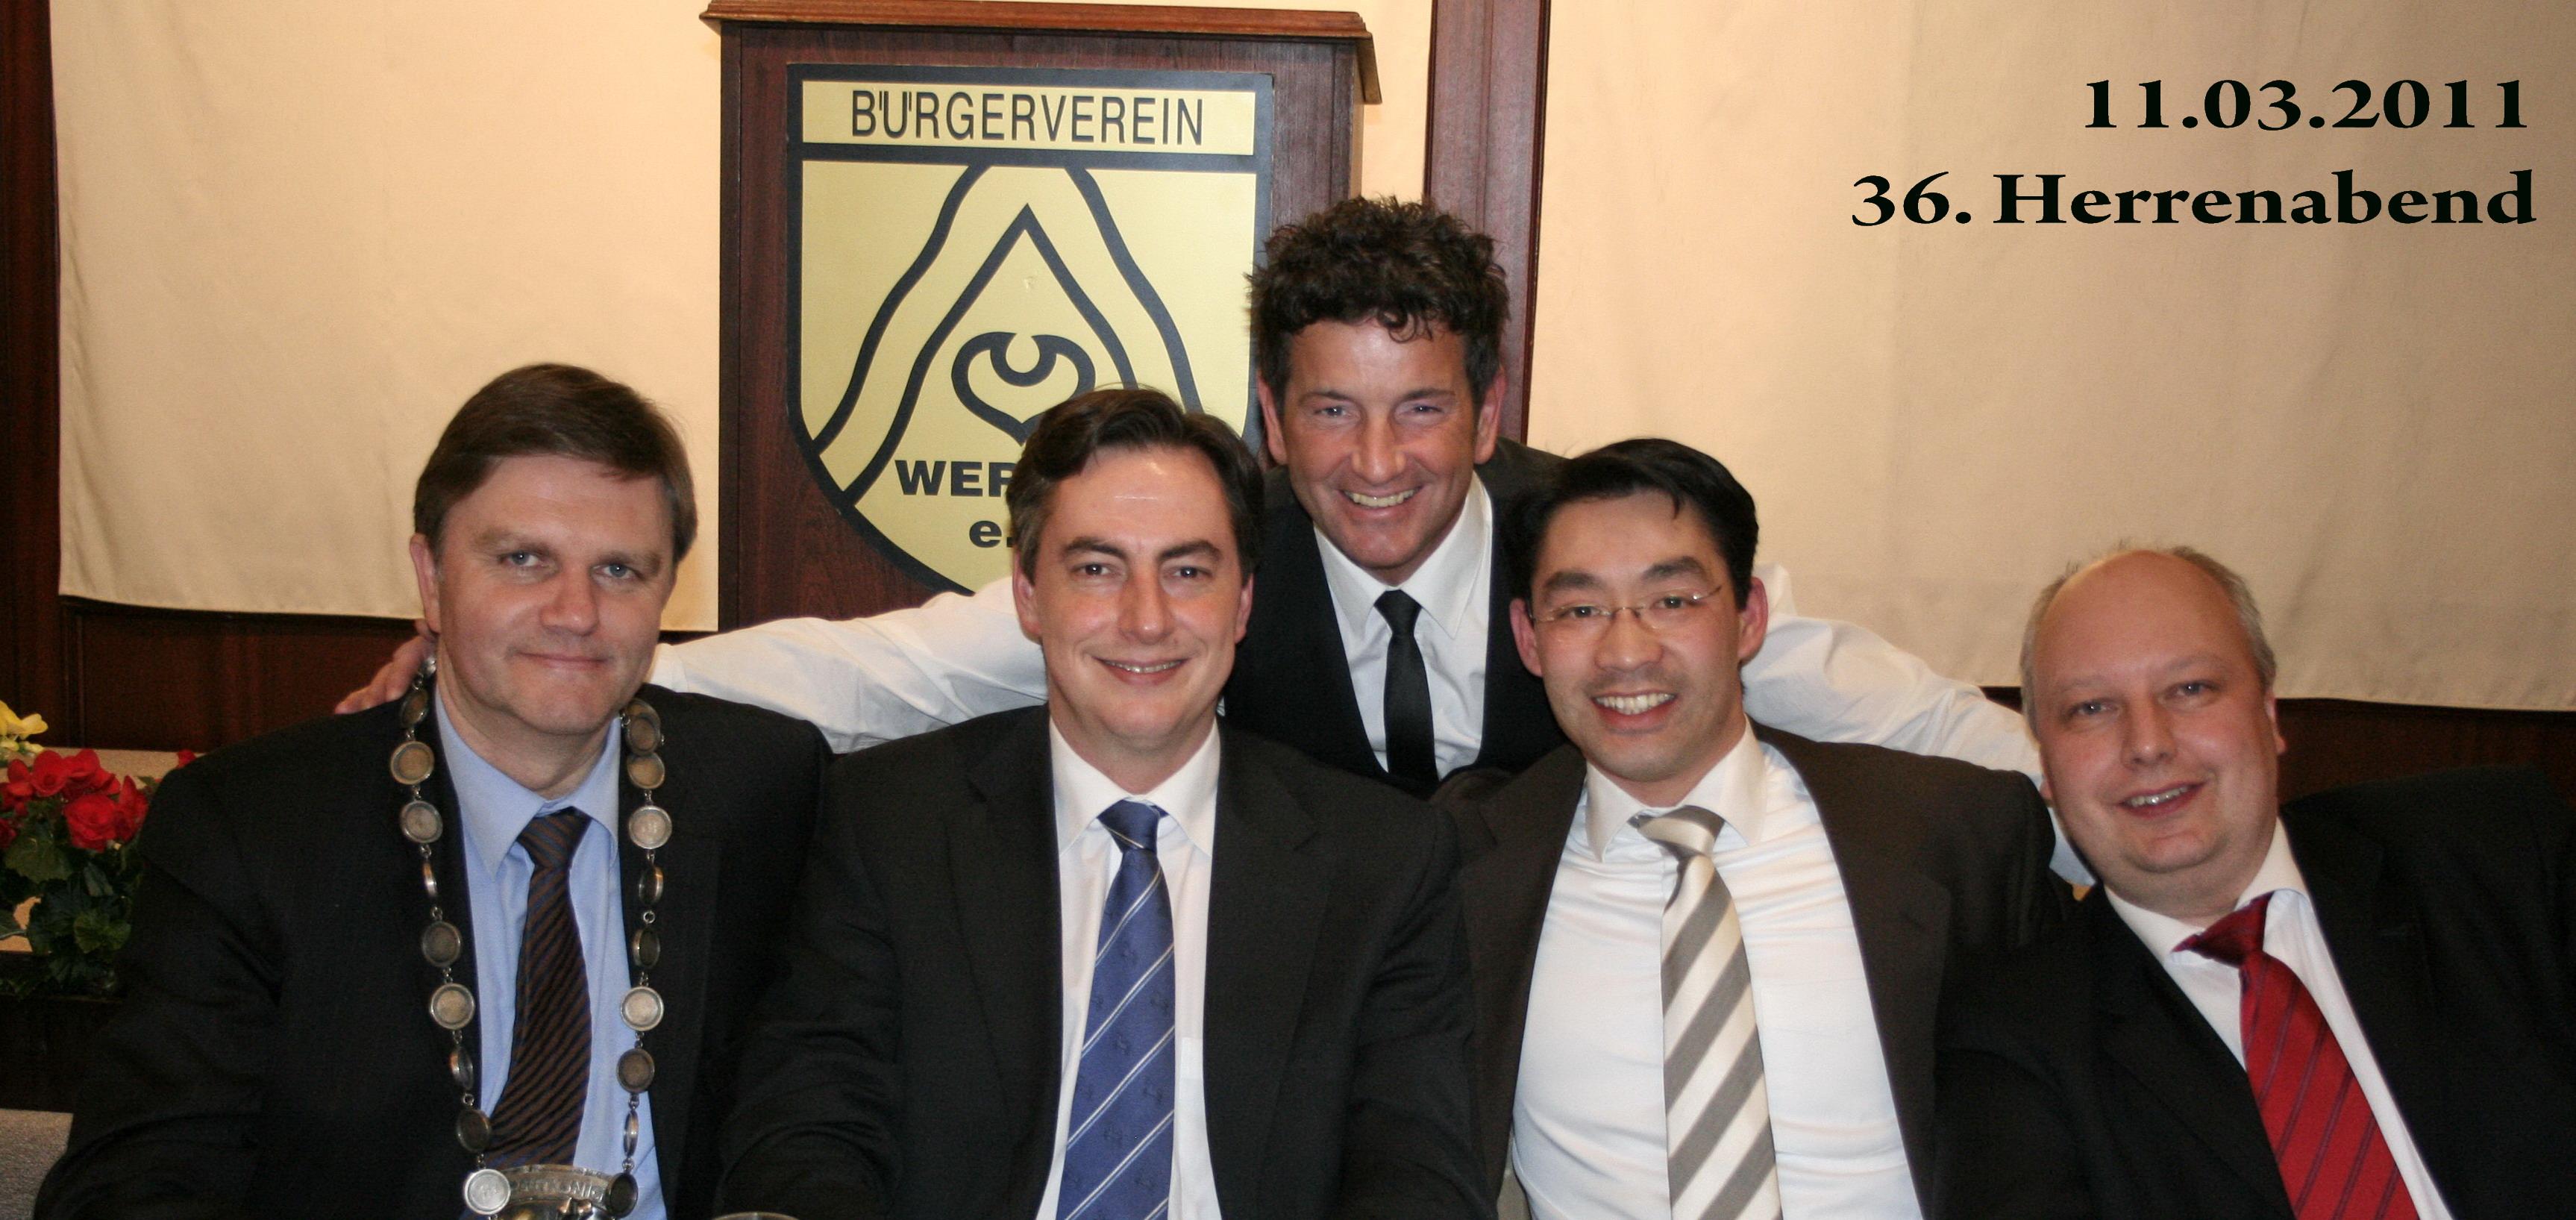 2011-03-11-herrenabend-uwe-schuenemann-david-mcallister-philipp-roesler-joerg-bode_2